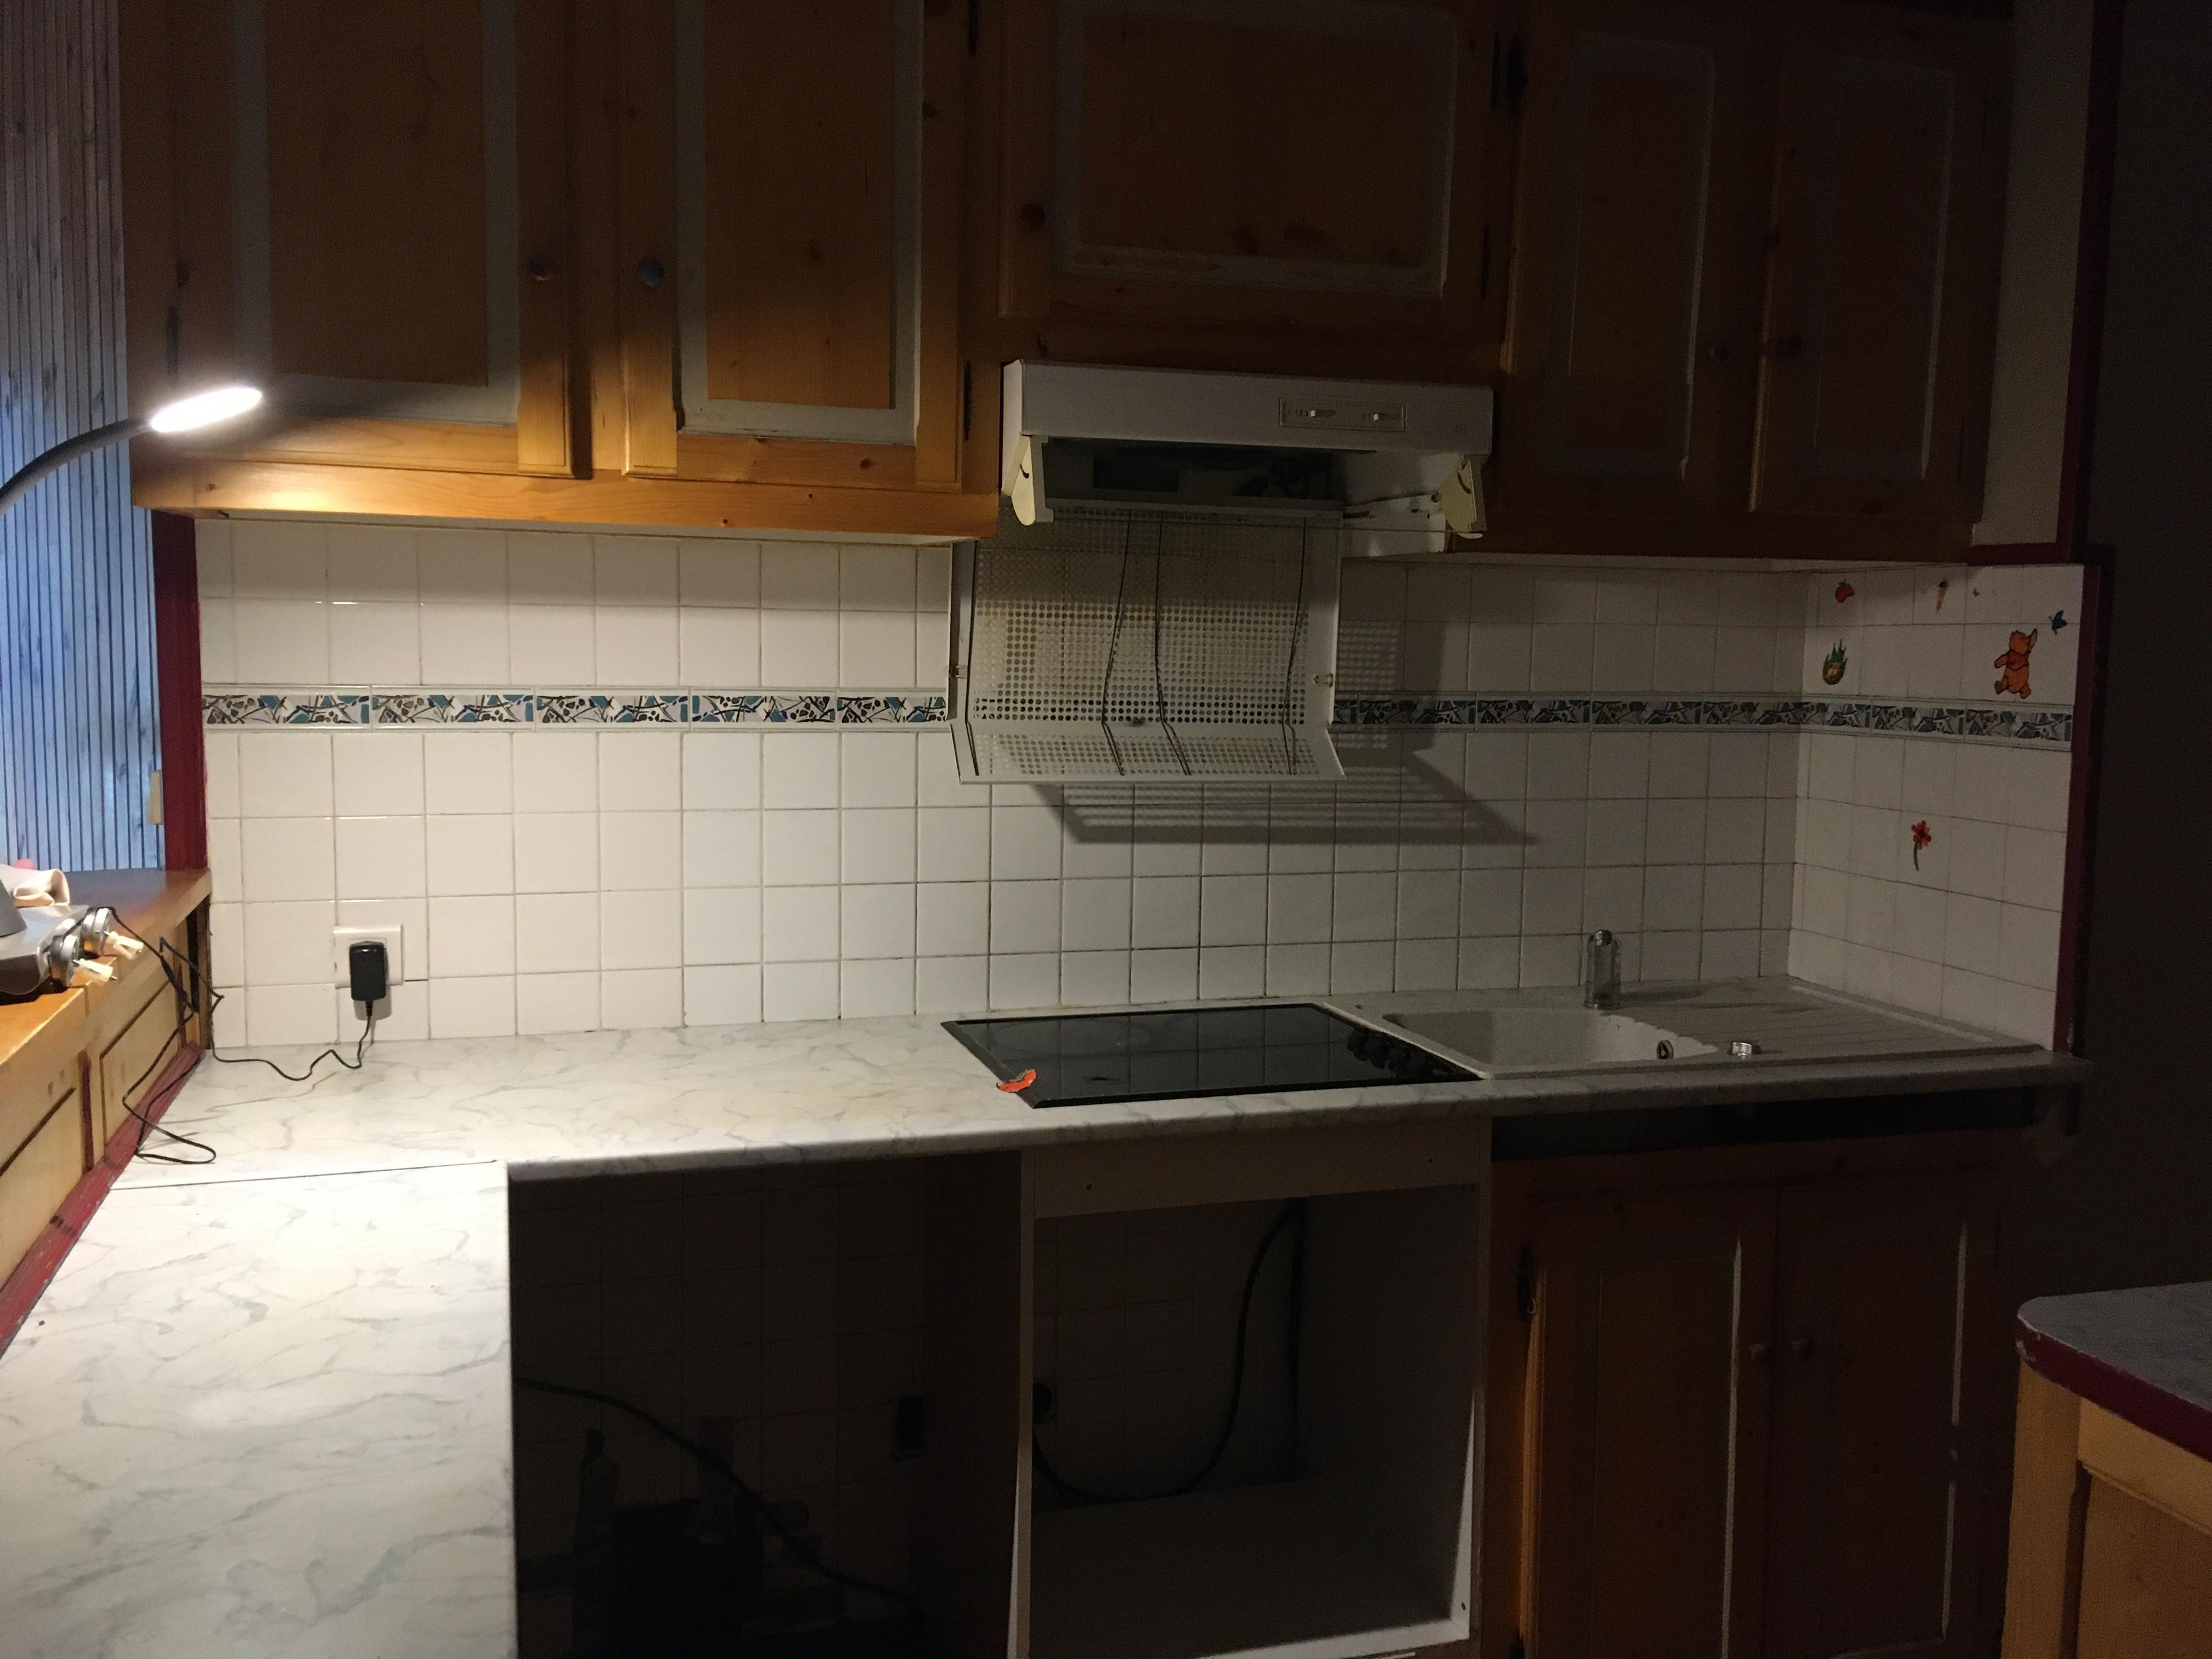 état du plan de travail de la cuisine